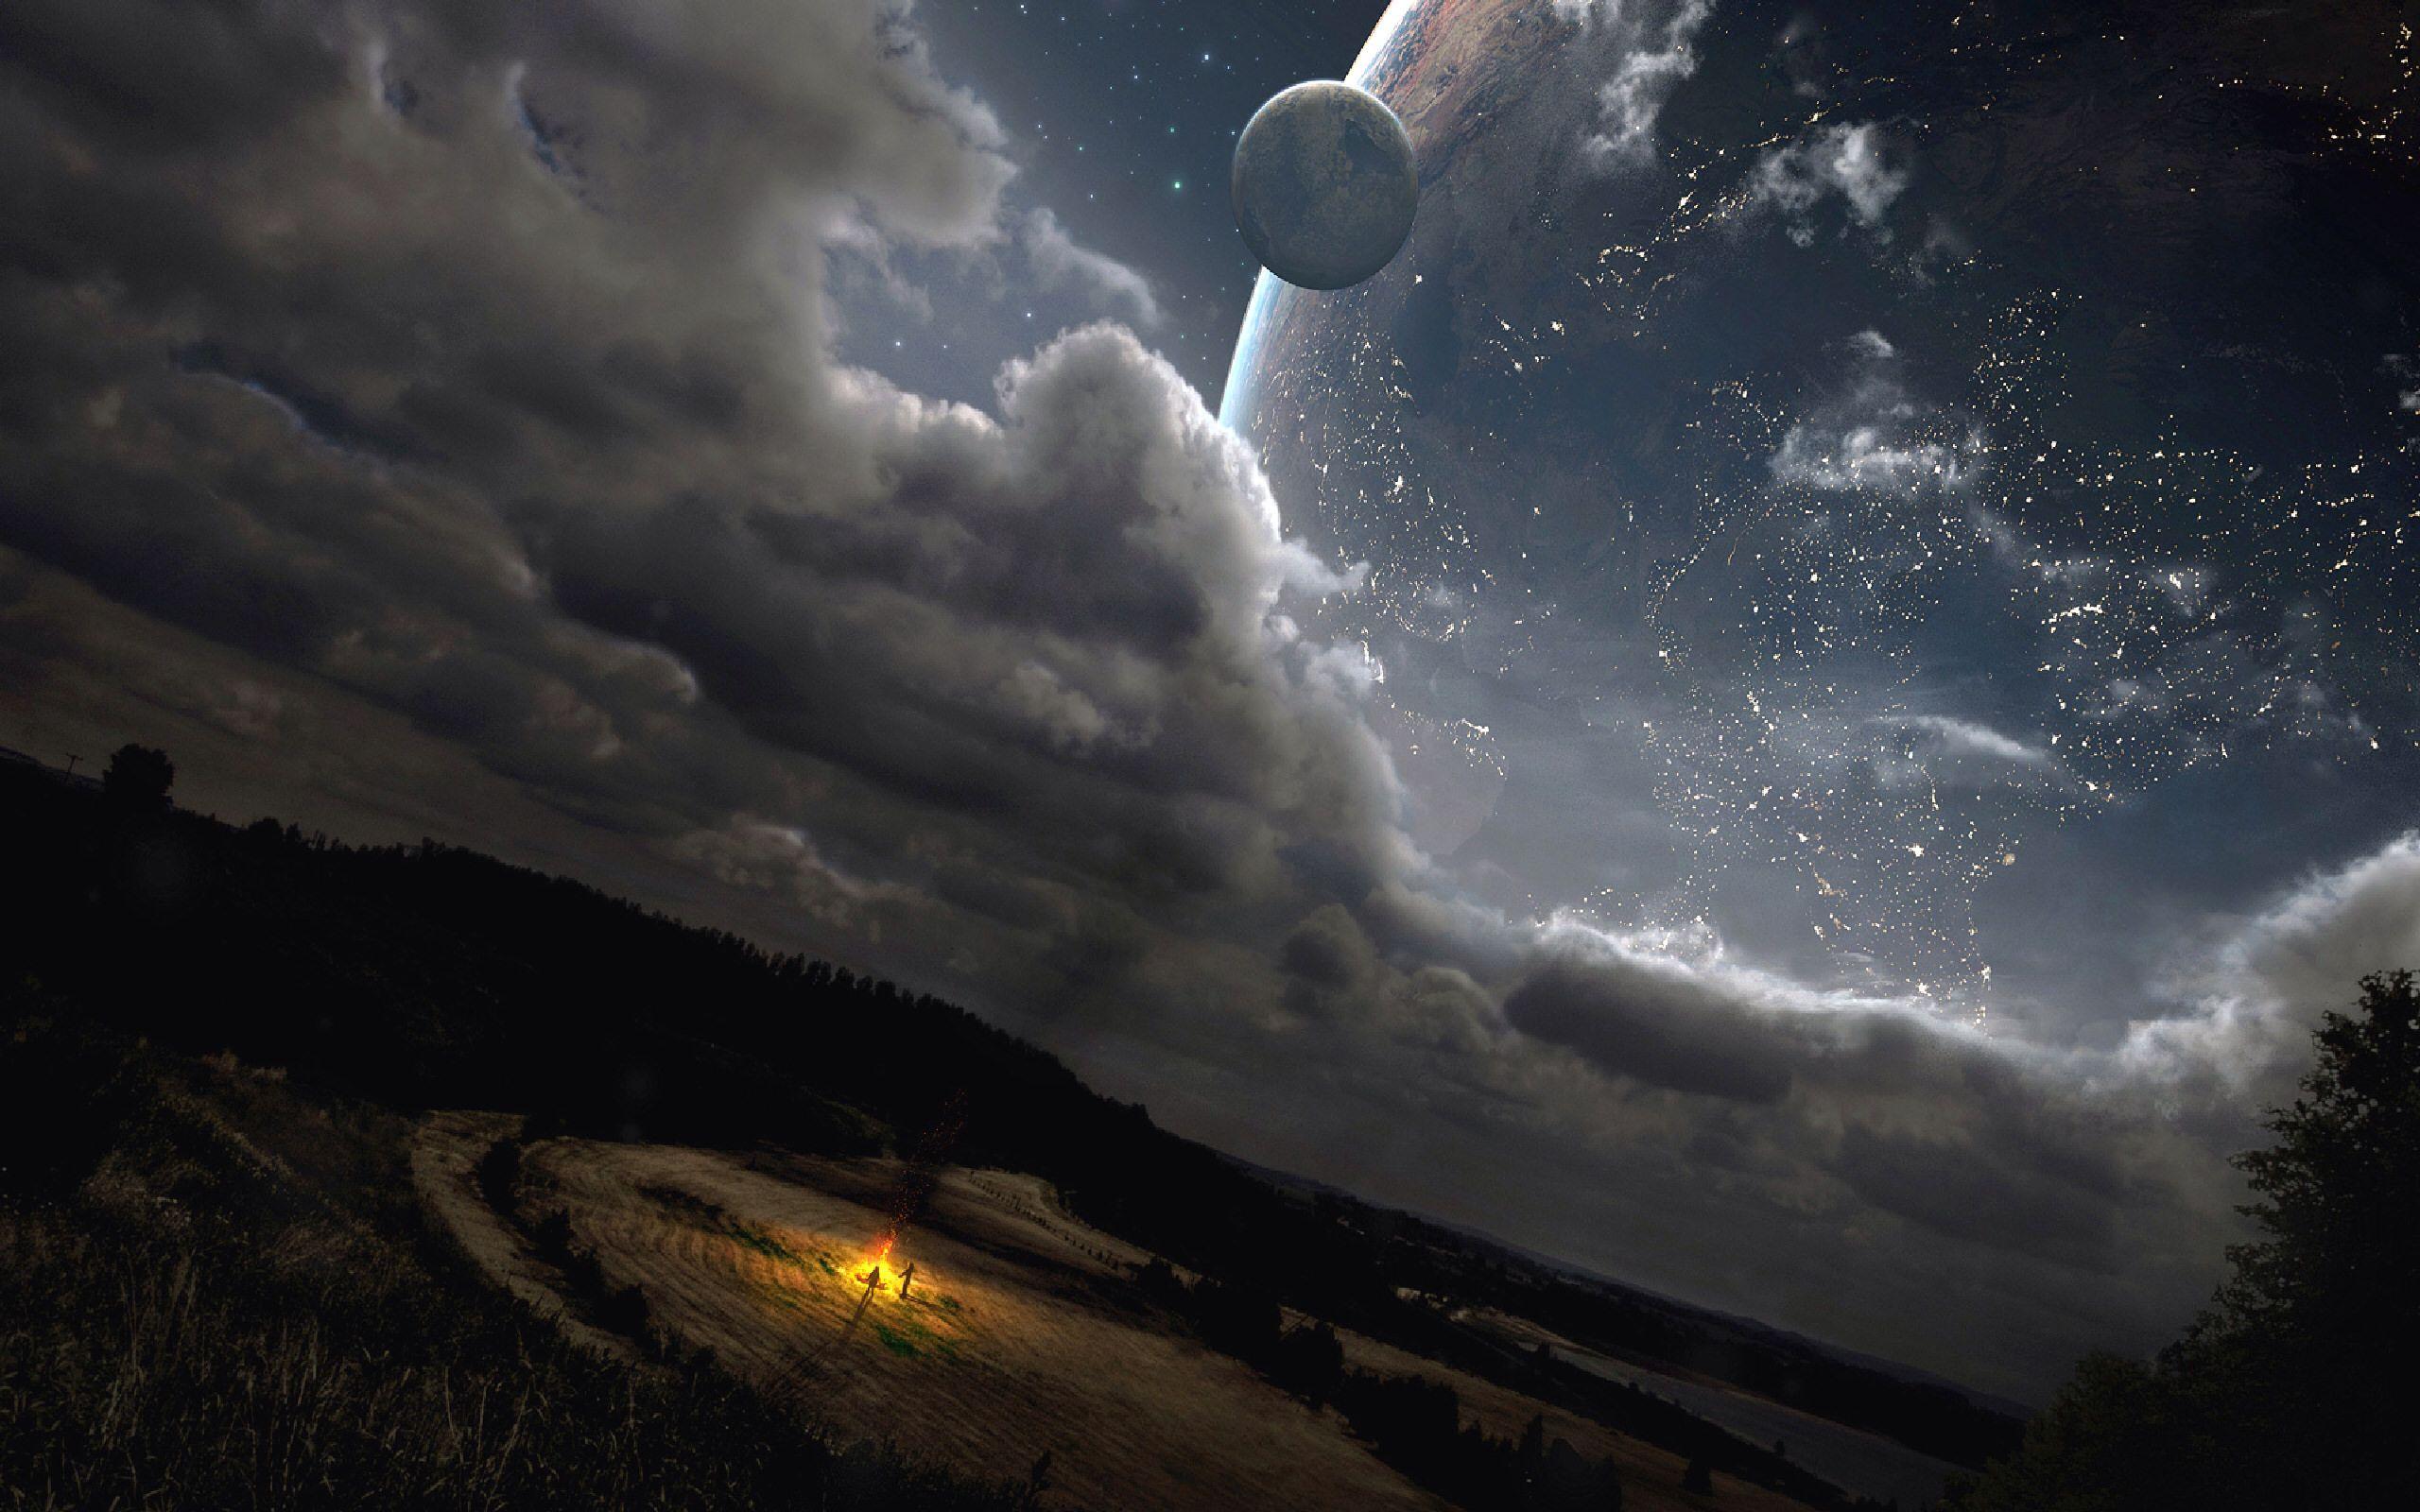 Landscape [2560x1600] Sci fi wallpaper, Alien